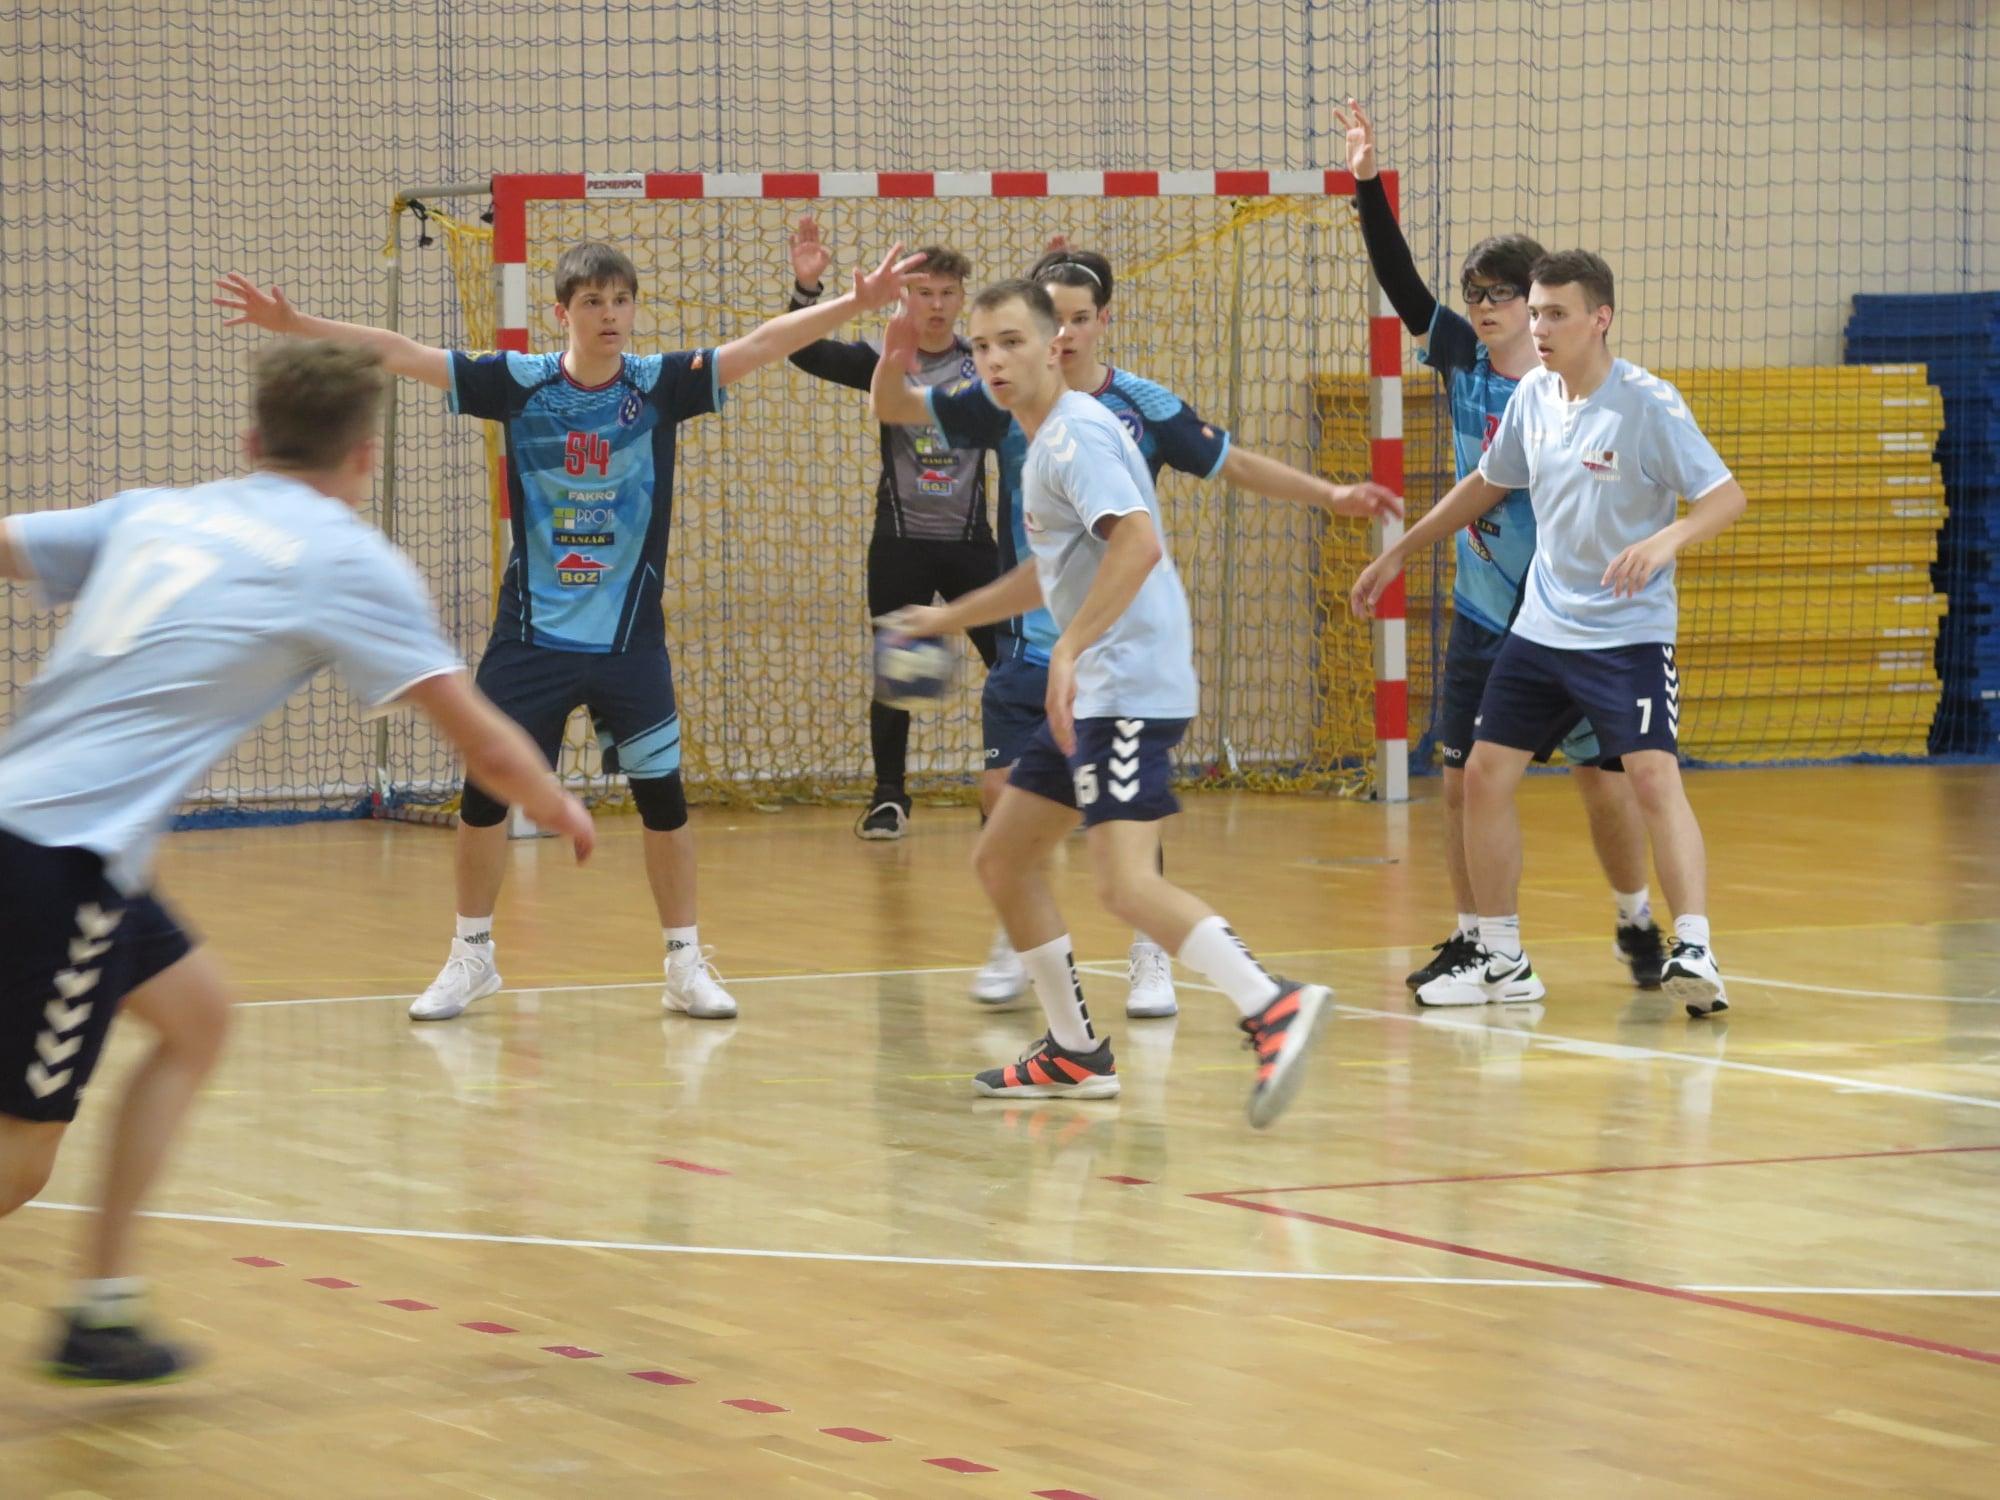 Turniej piłki ręcznej juniorów młodszych im. Wł. Stawiarskiego – podsumowanie